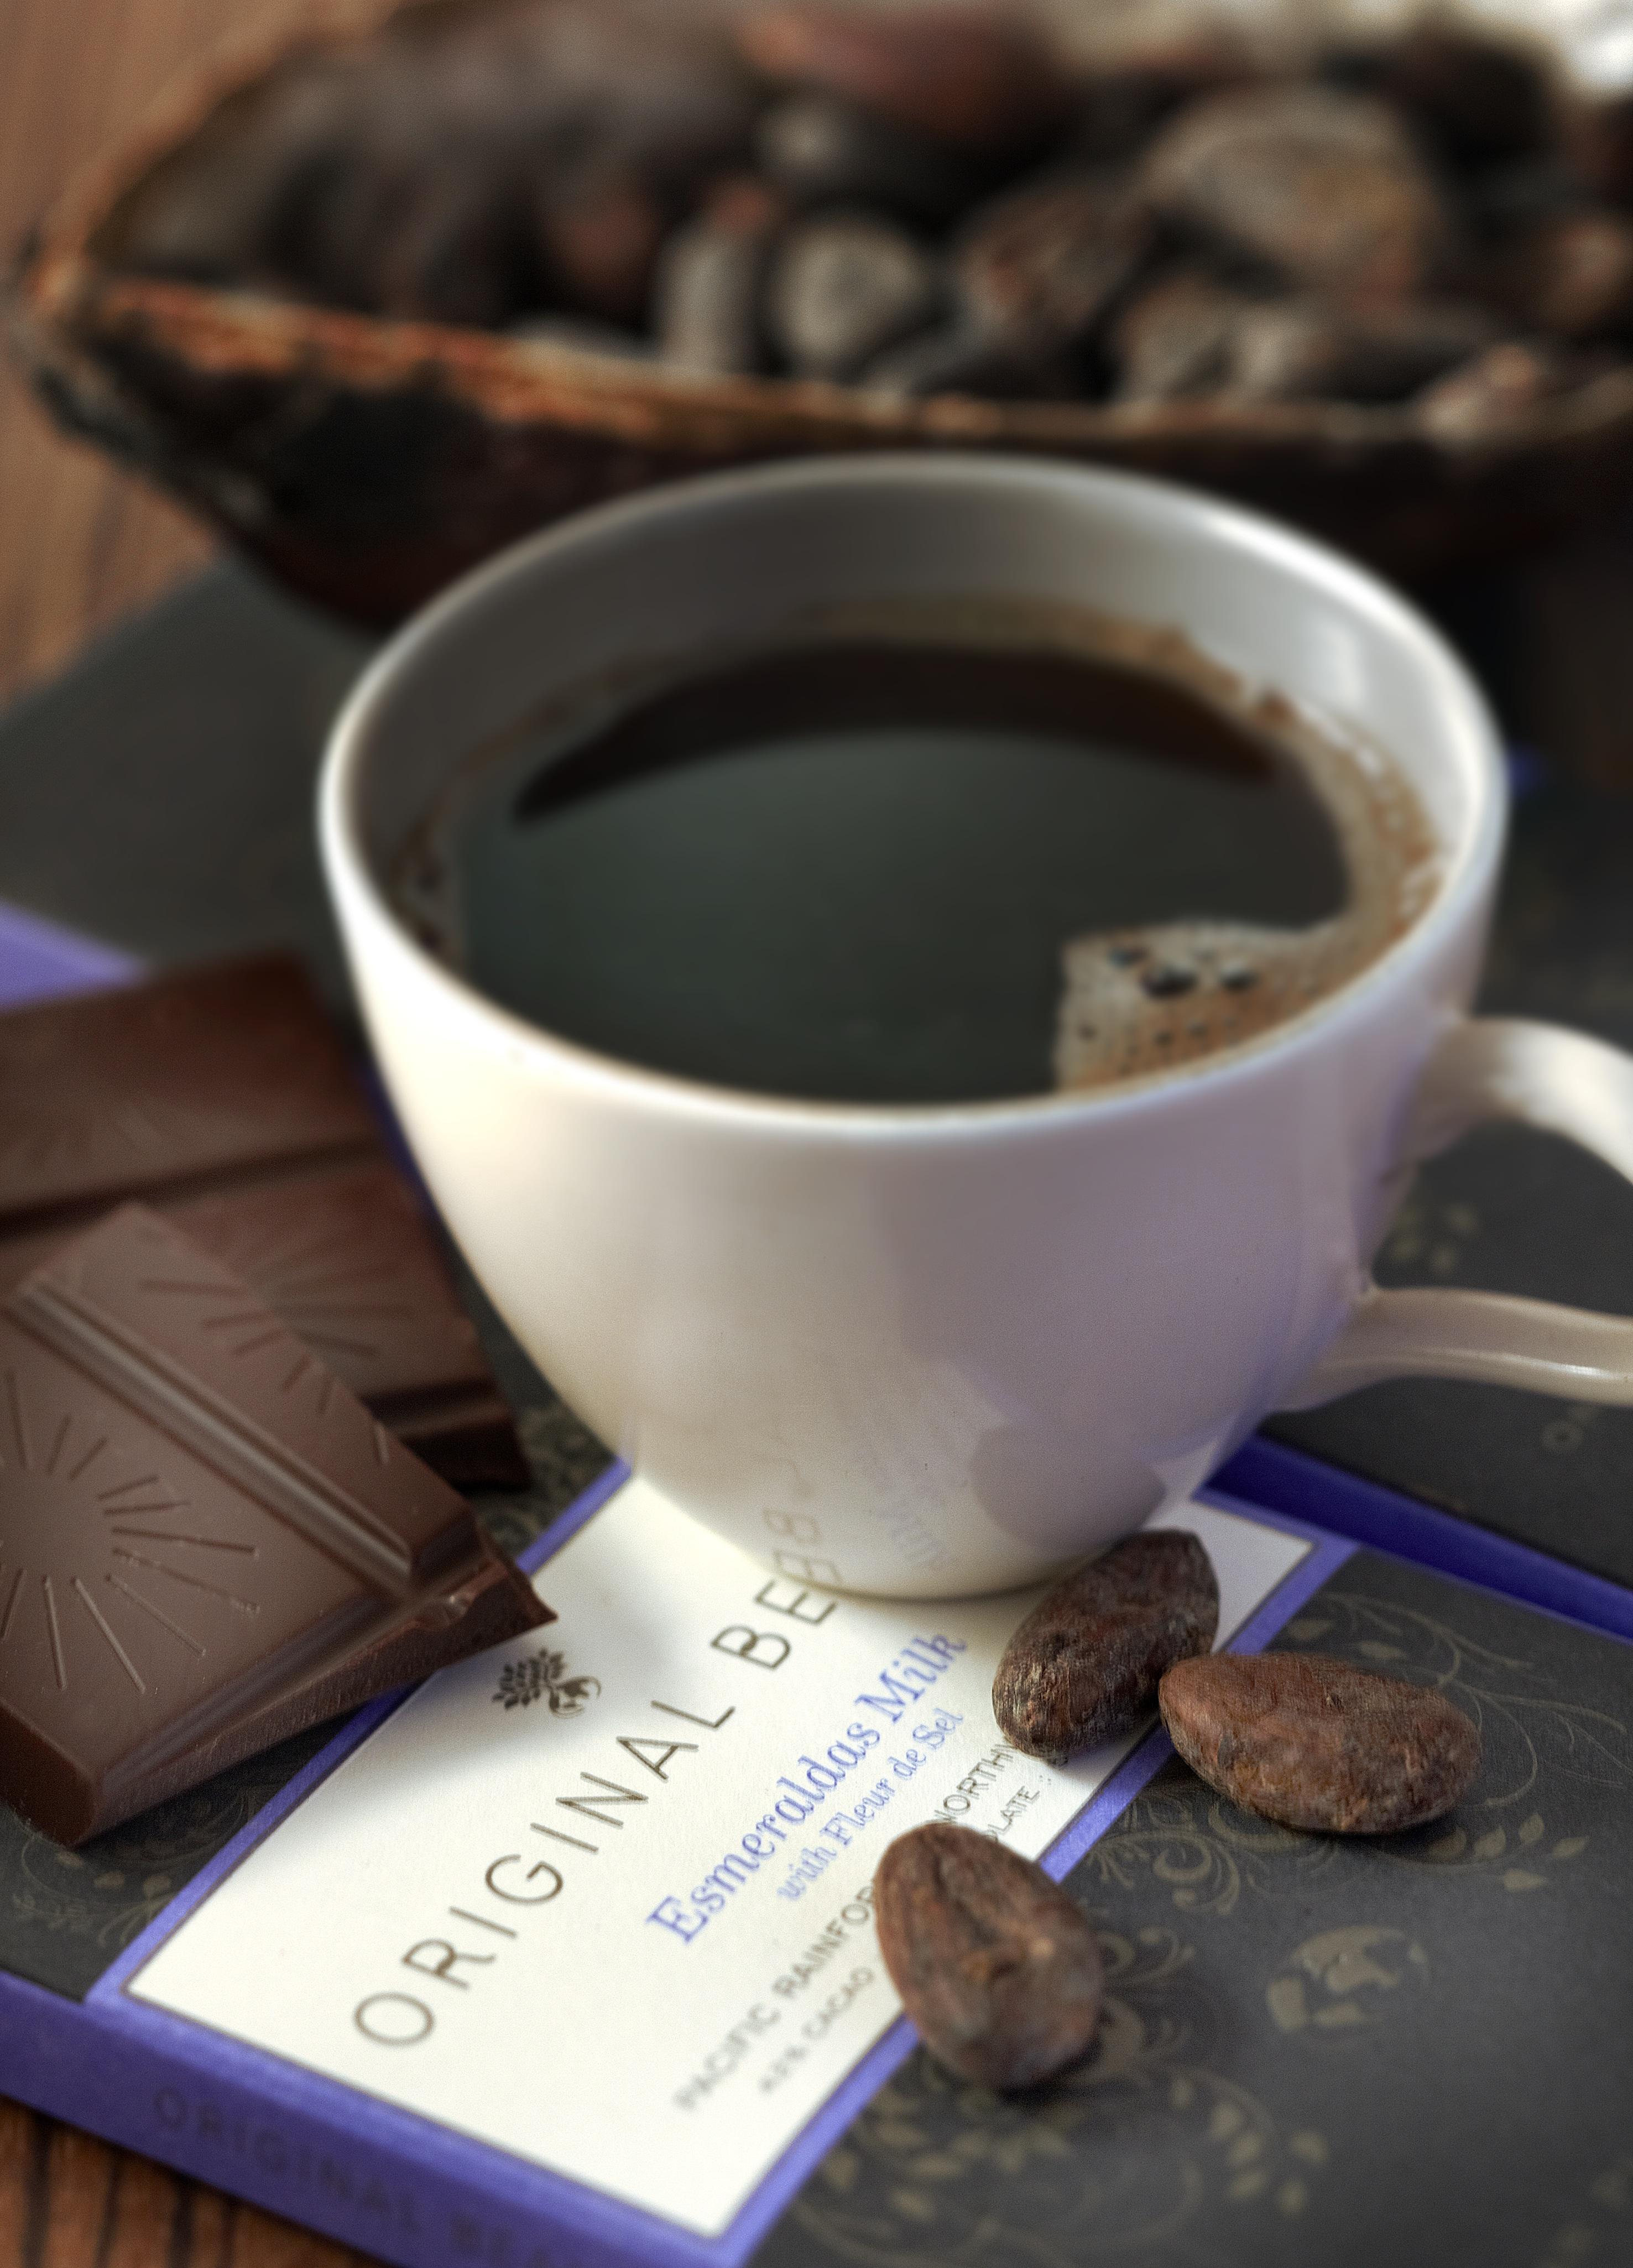 Von der Verpackung bis hin zum Anbau, bei dieser Schokolade ist alles auf Nachhaltigkeit ausgerichtet.